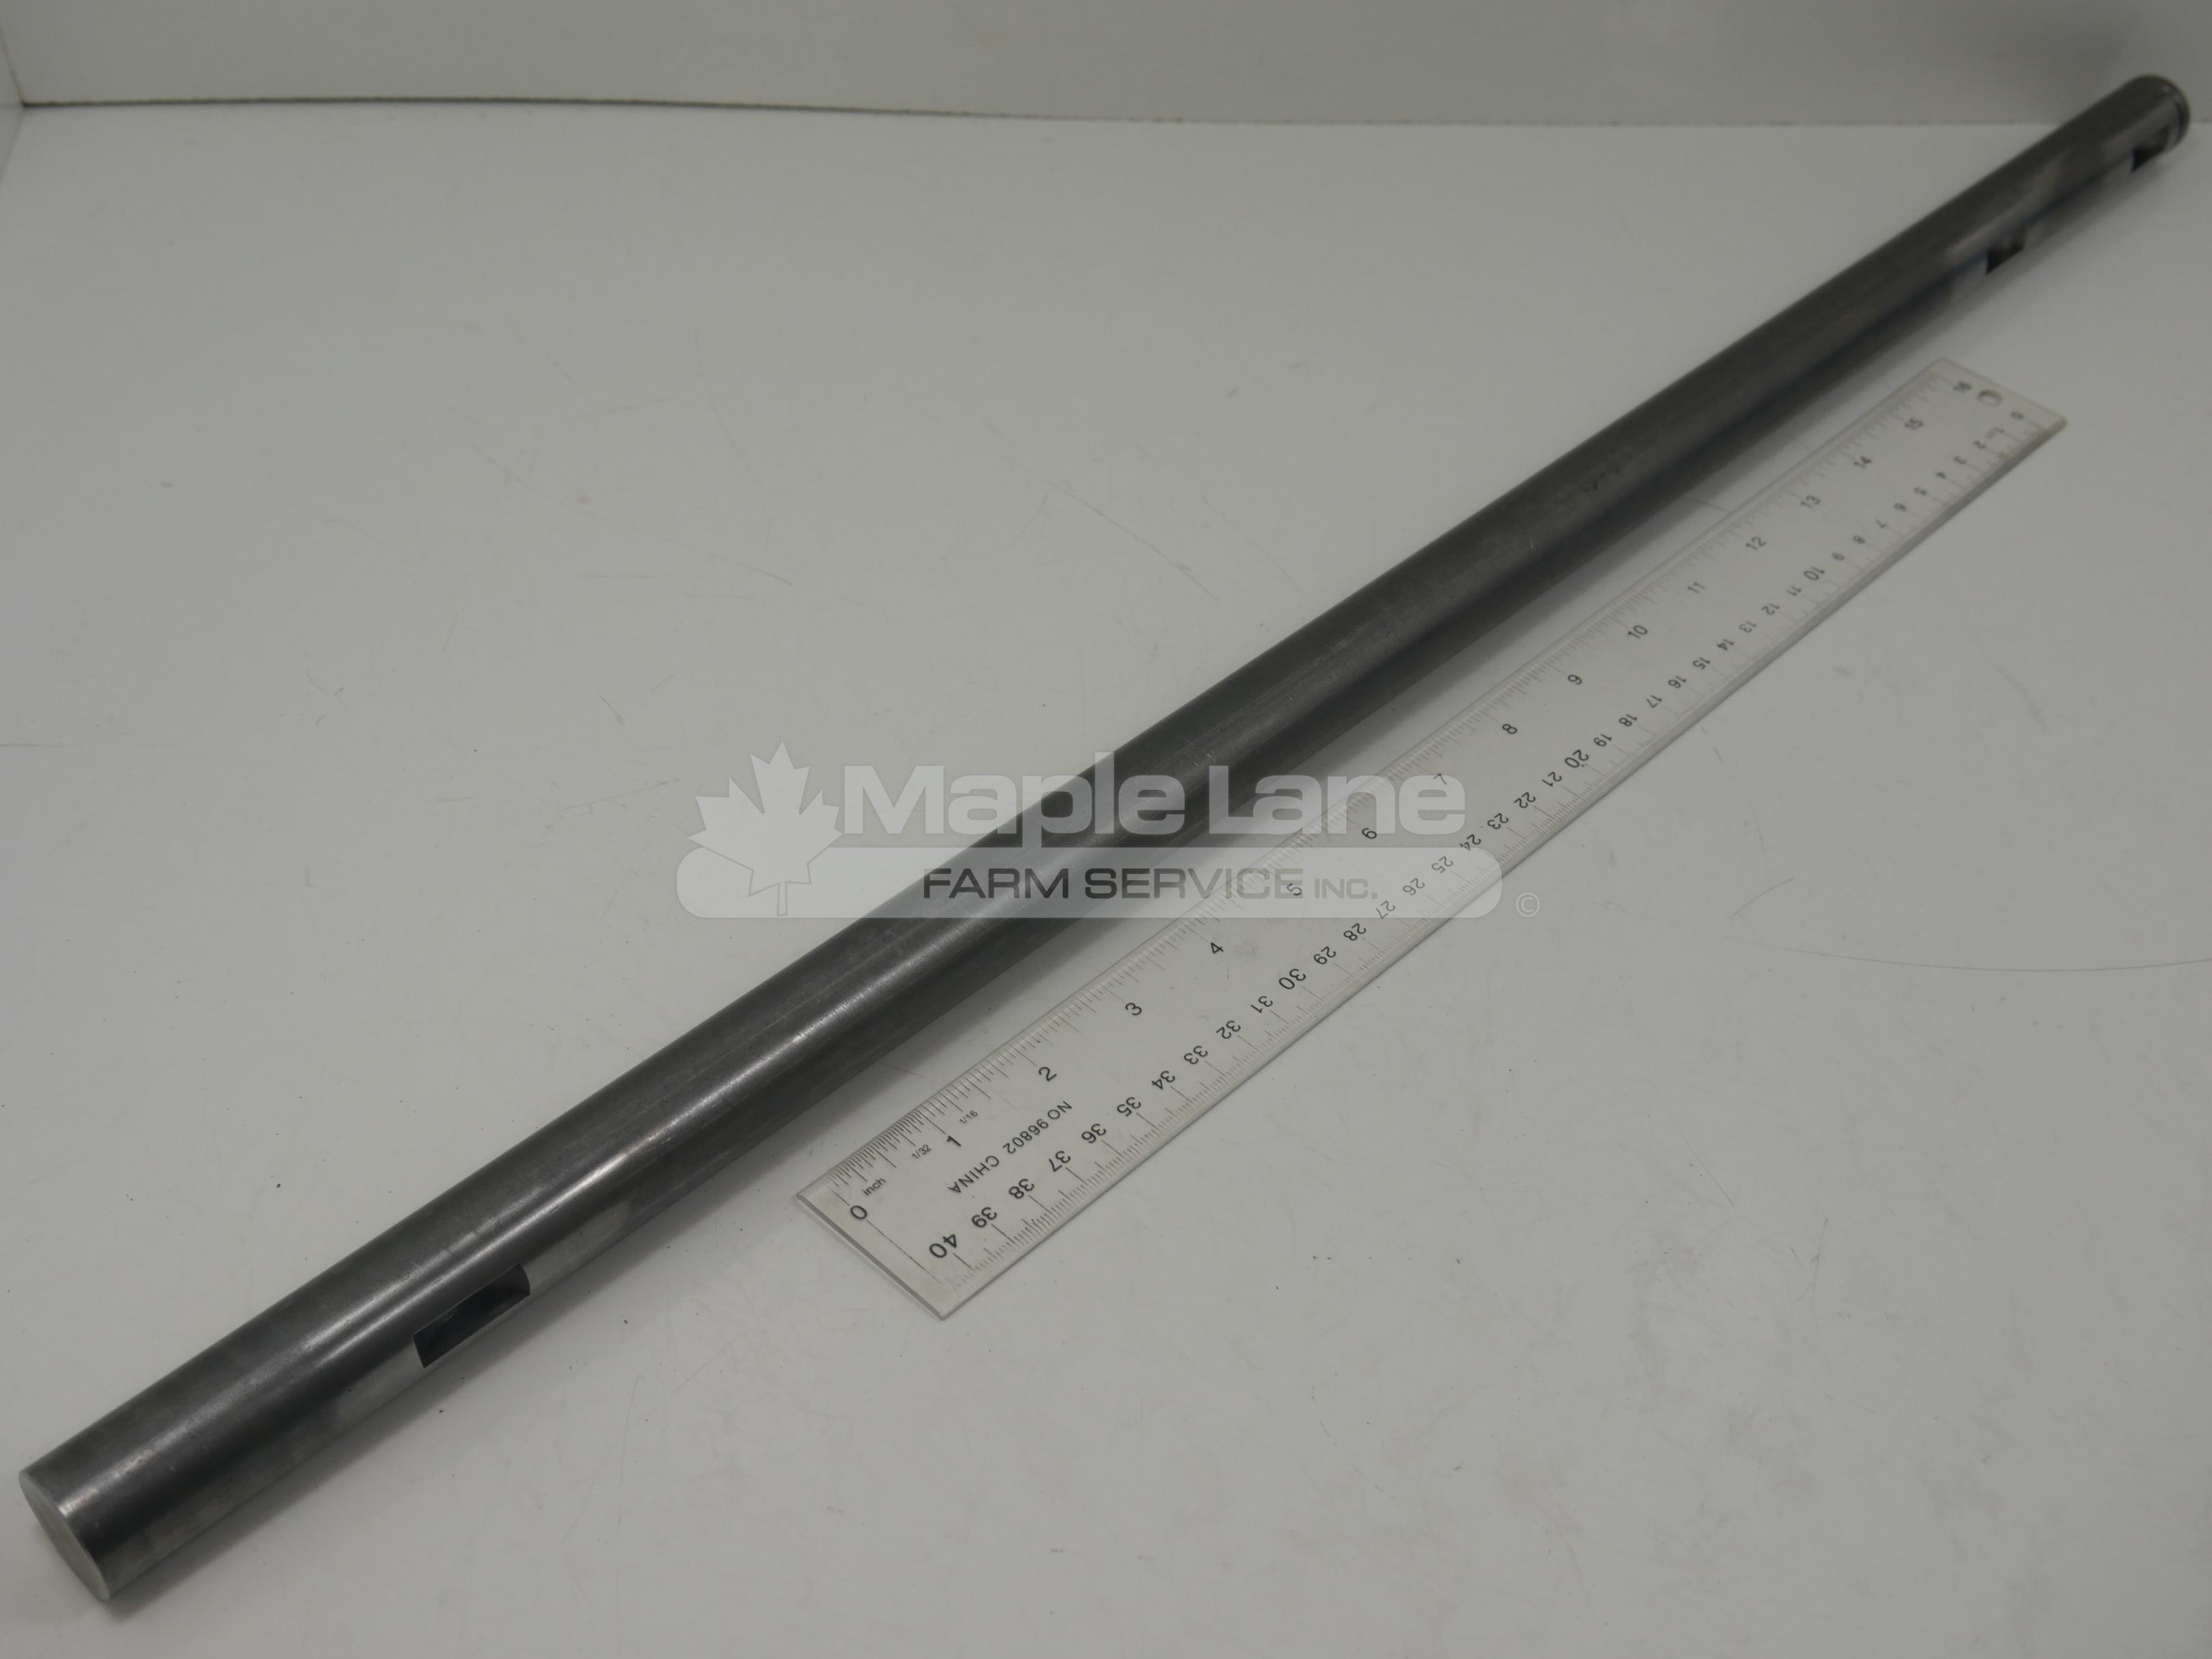 082307 Conveyor Shaft RH